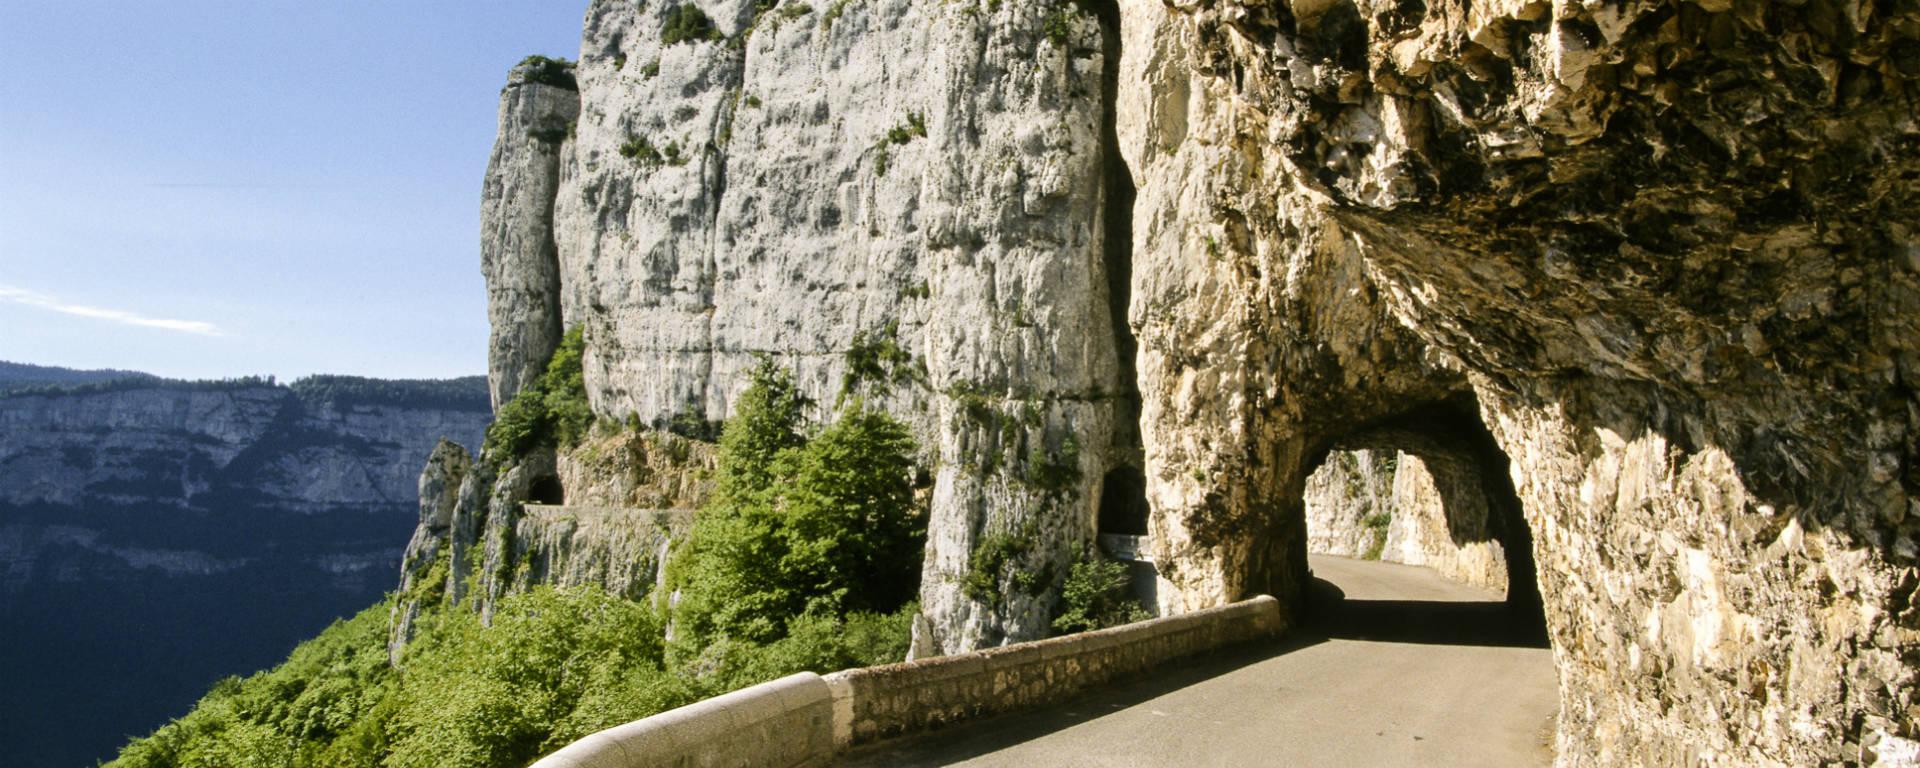 Routes et transports, Drôme